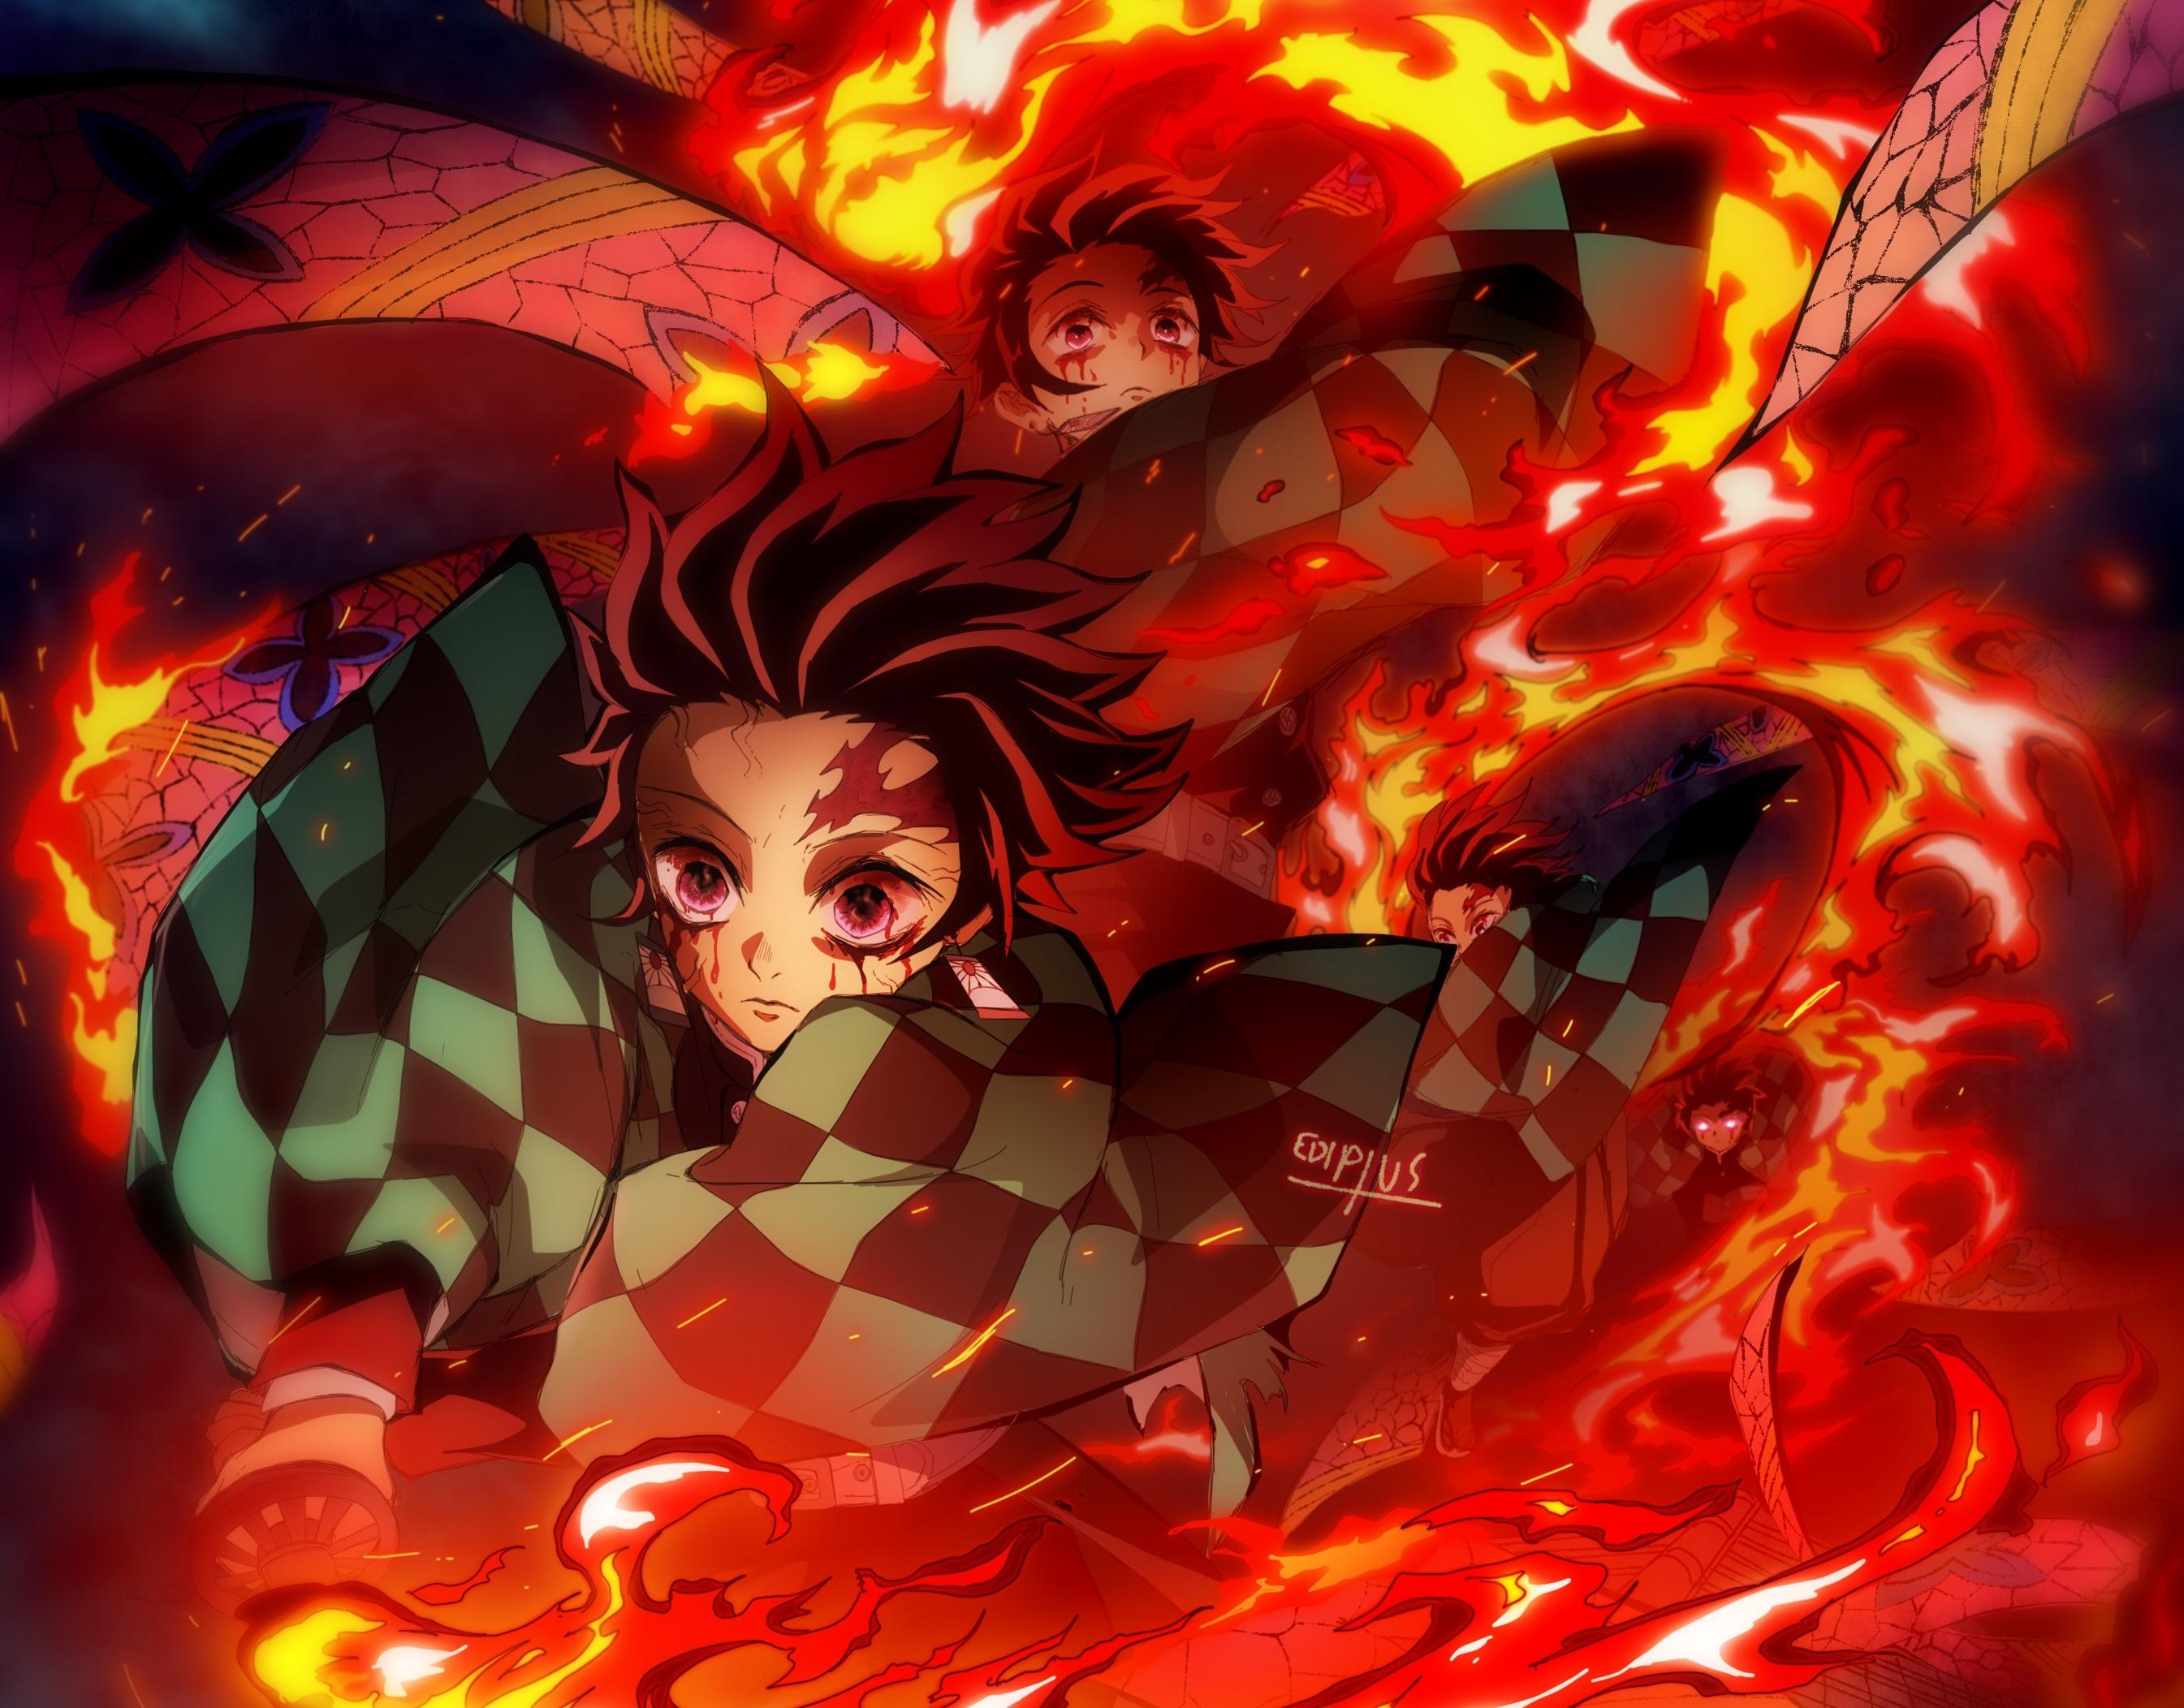 Tanjirou Kimetsu no Yaiba Wallpaper, HD Anime 4K ...